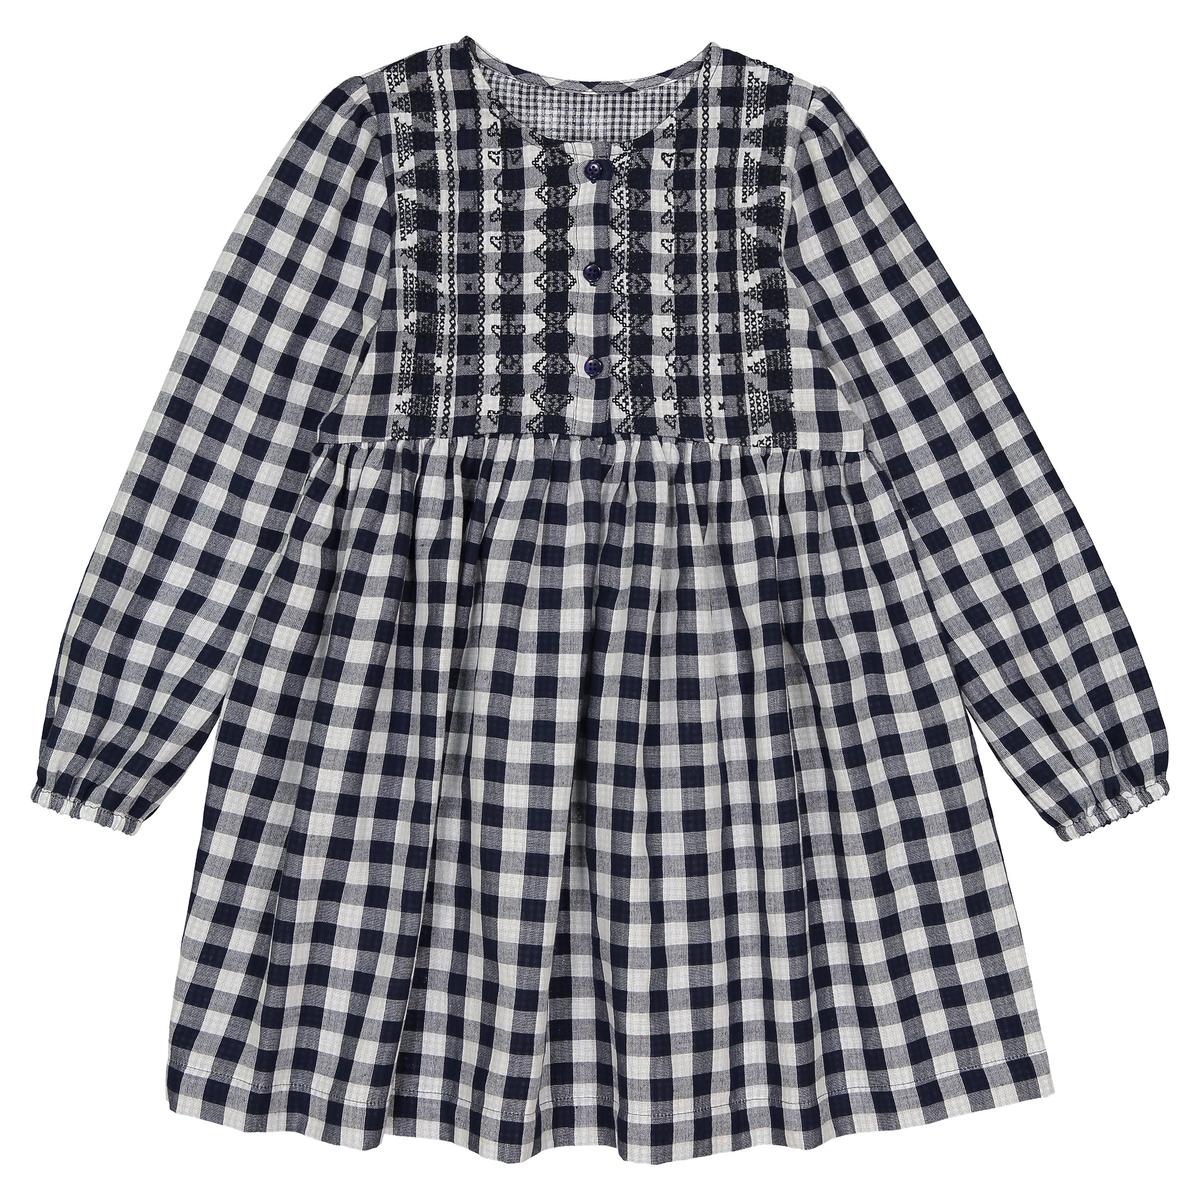 Vestido a cuadros bordado, 3-12 años